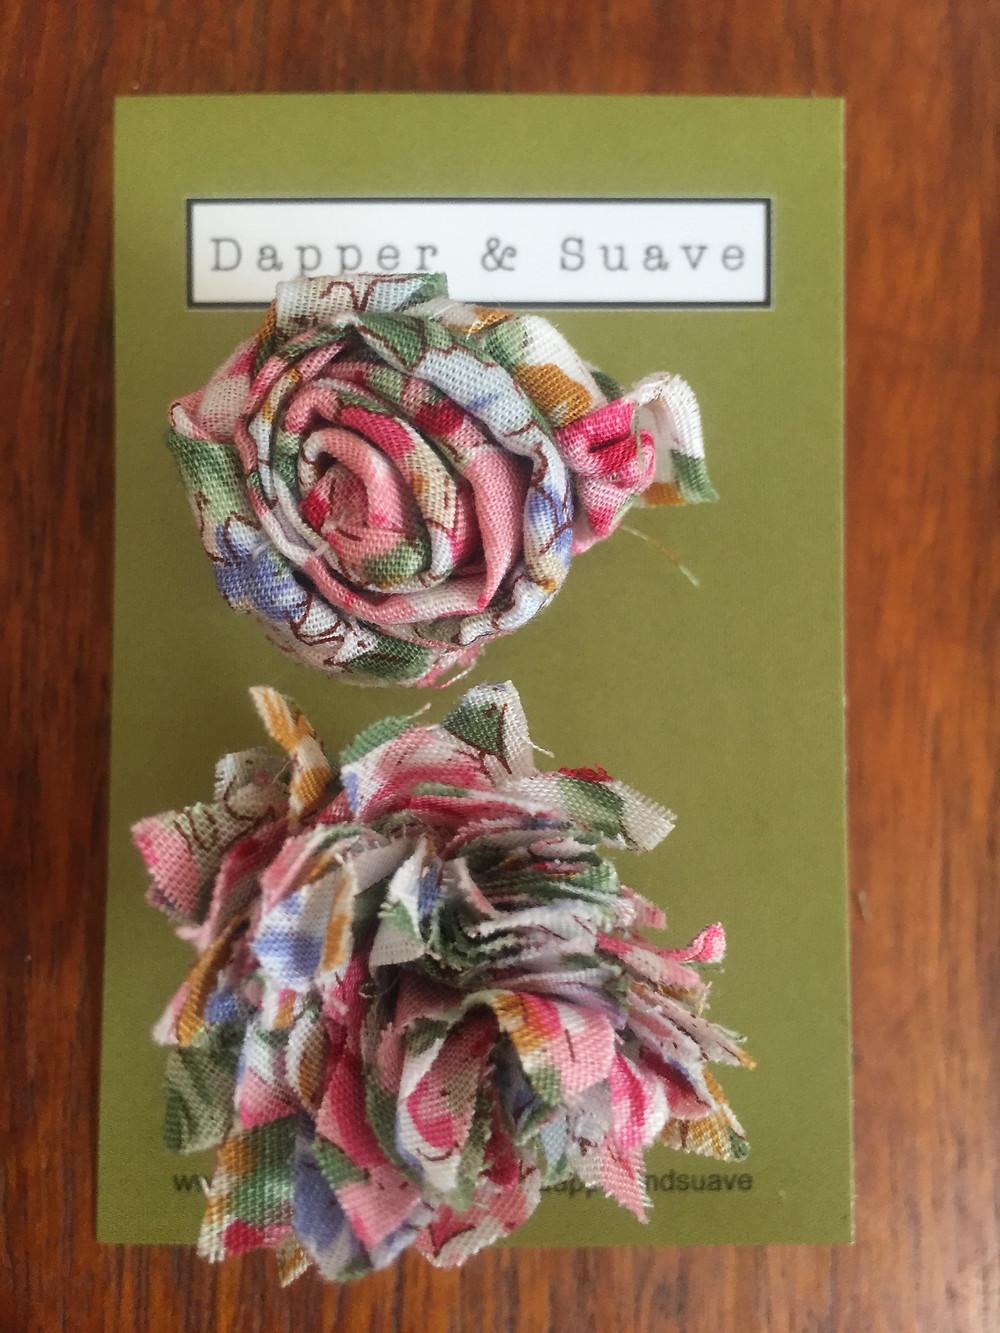 Dapper & Suave Small Floral Lapel Pin